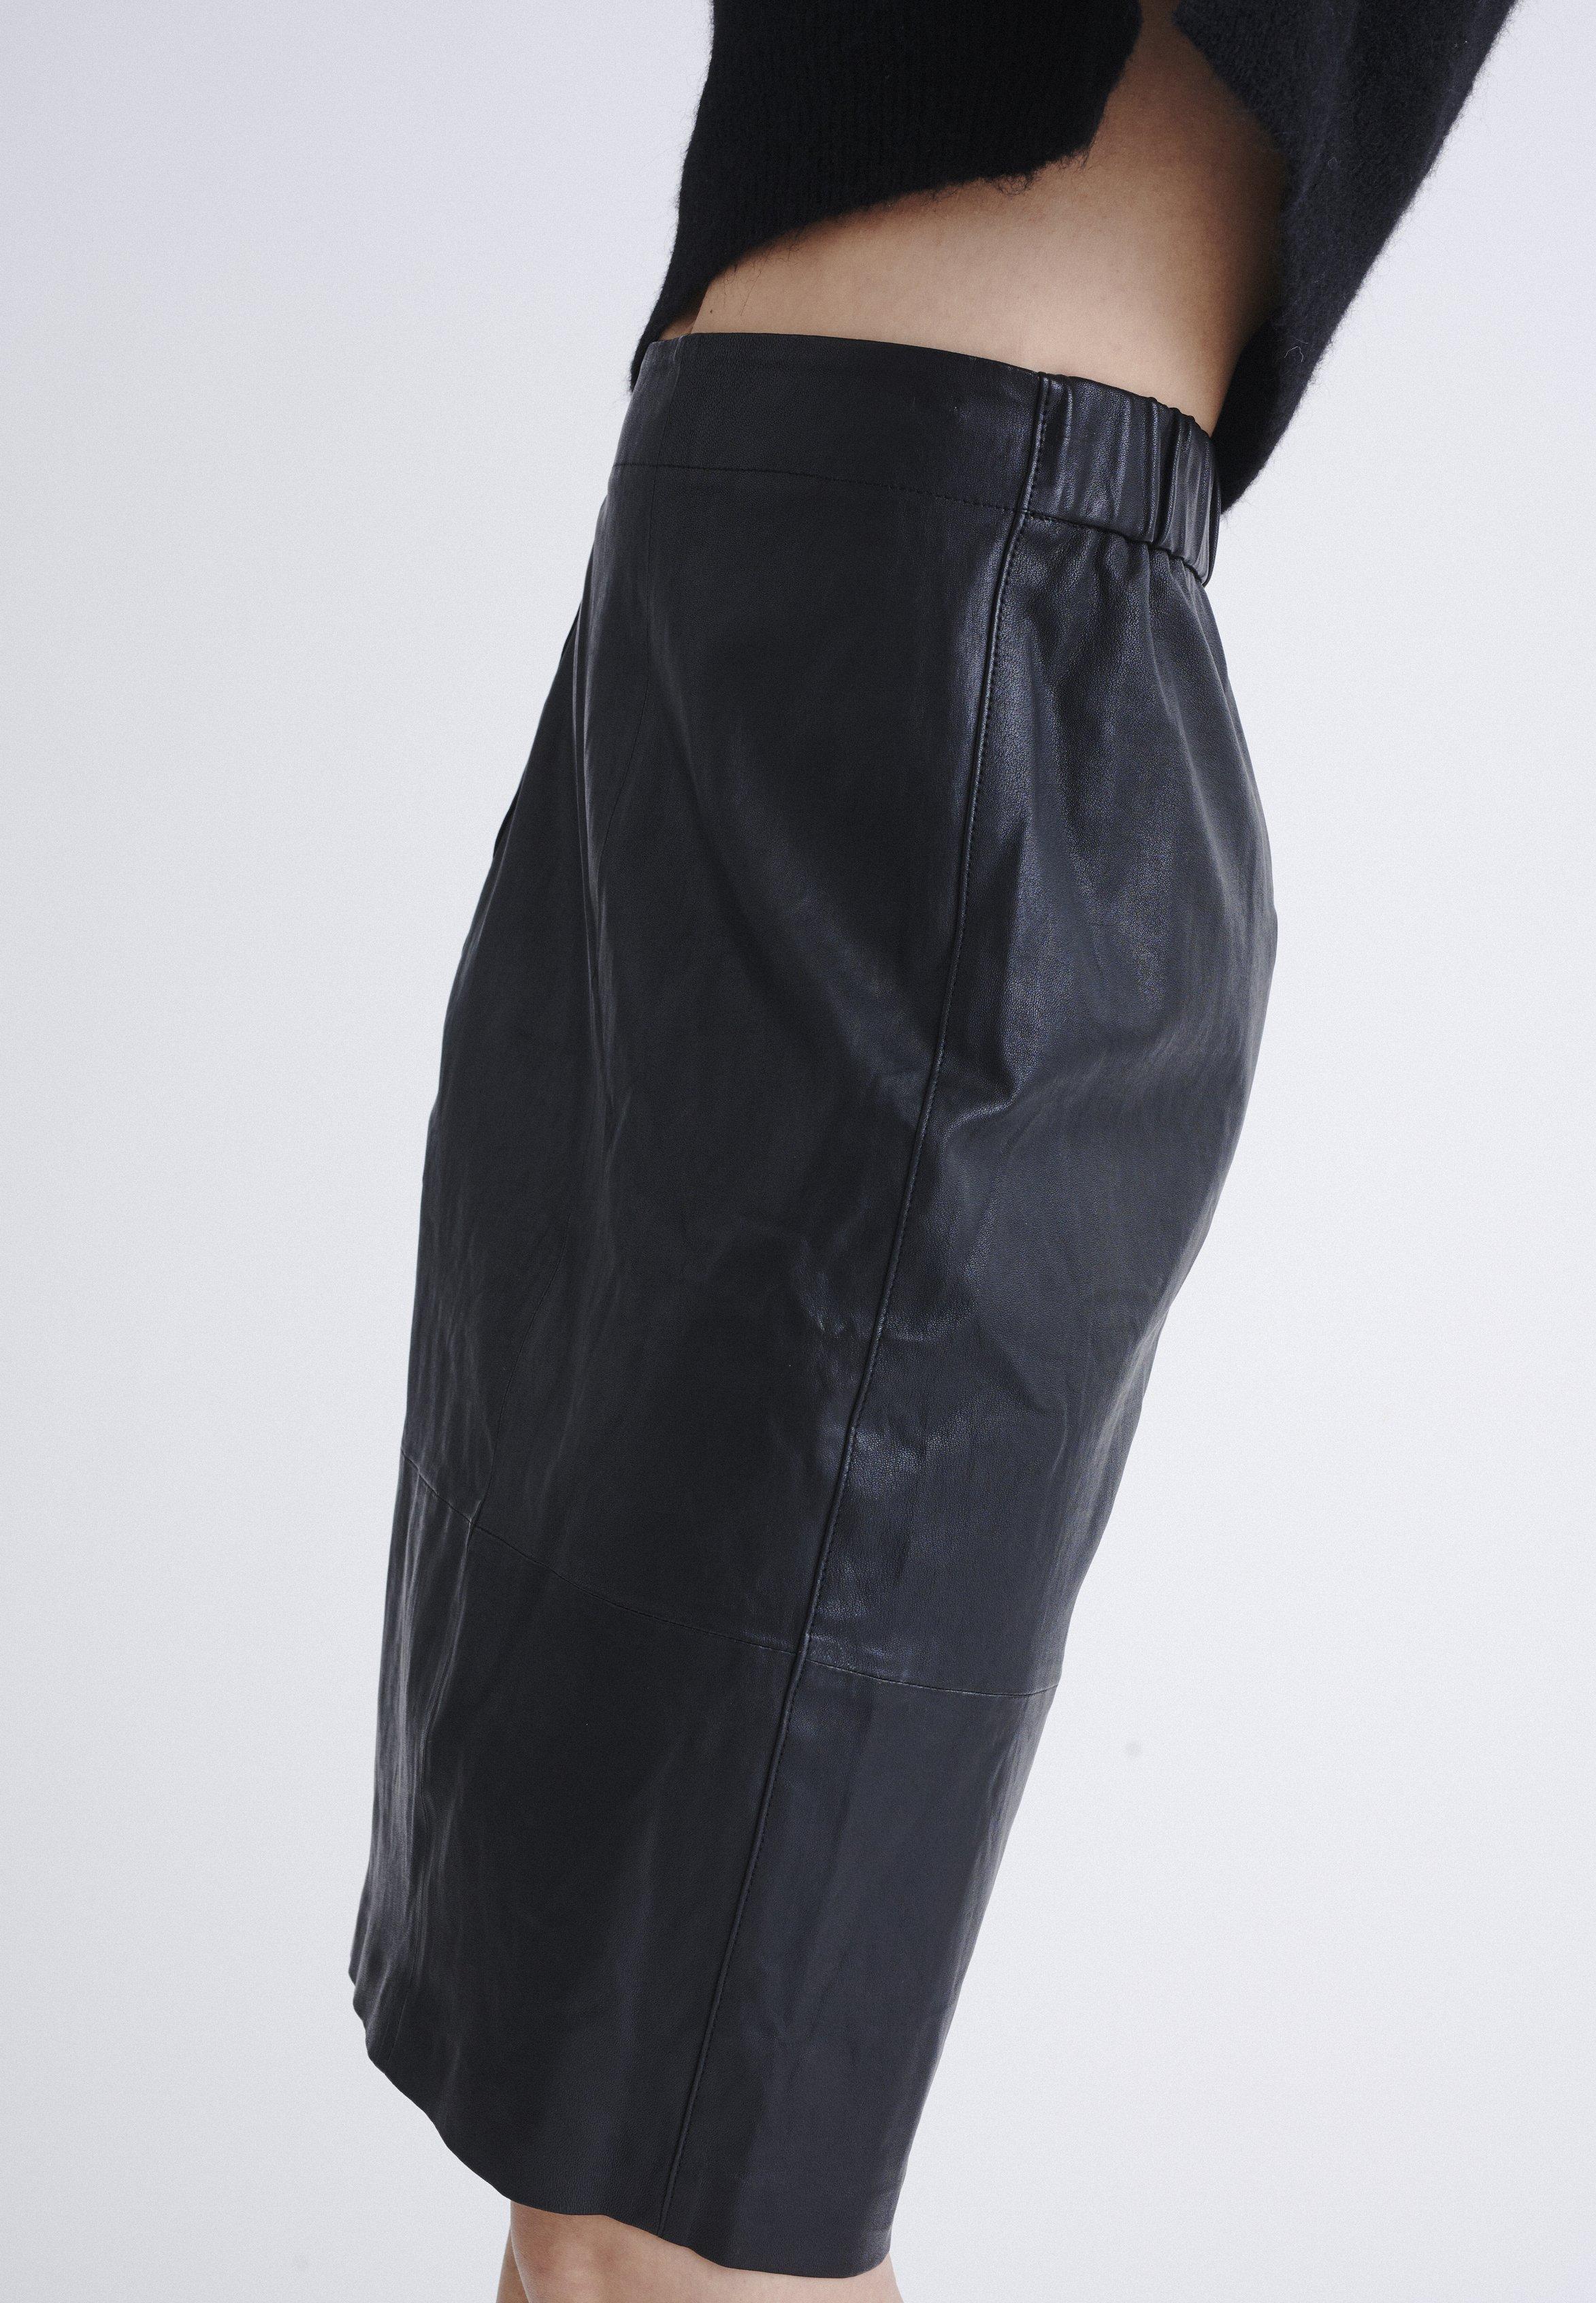 Auténtico Ropa de mujer InWear LUELLA Falda de tubo black B3RPaL